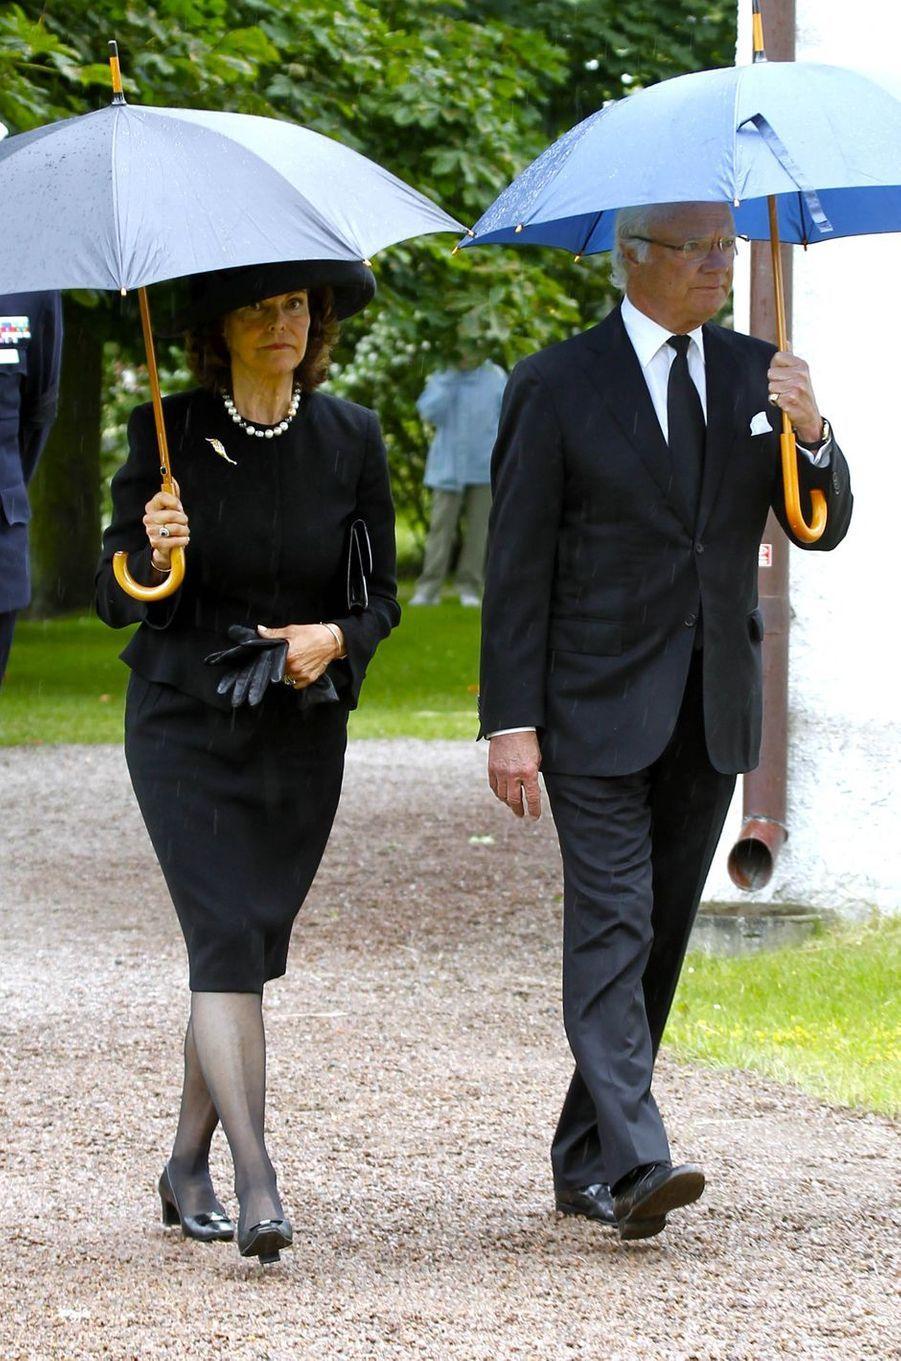 La reine Silvia et le roi Carl XVI Gustaf de Suède aux obsèques de la comtesse Alice Trolle-Wachtmeister à Trolle-Ljungby, le 12 juillet 2017